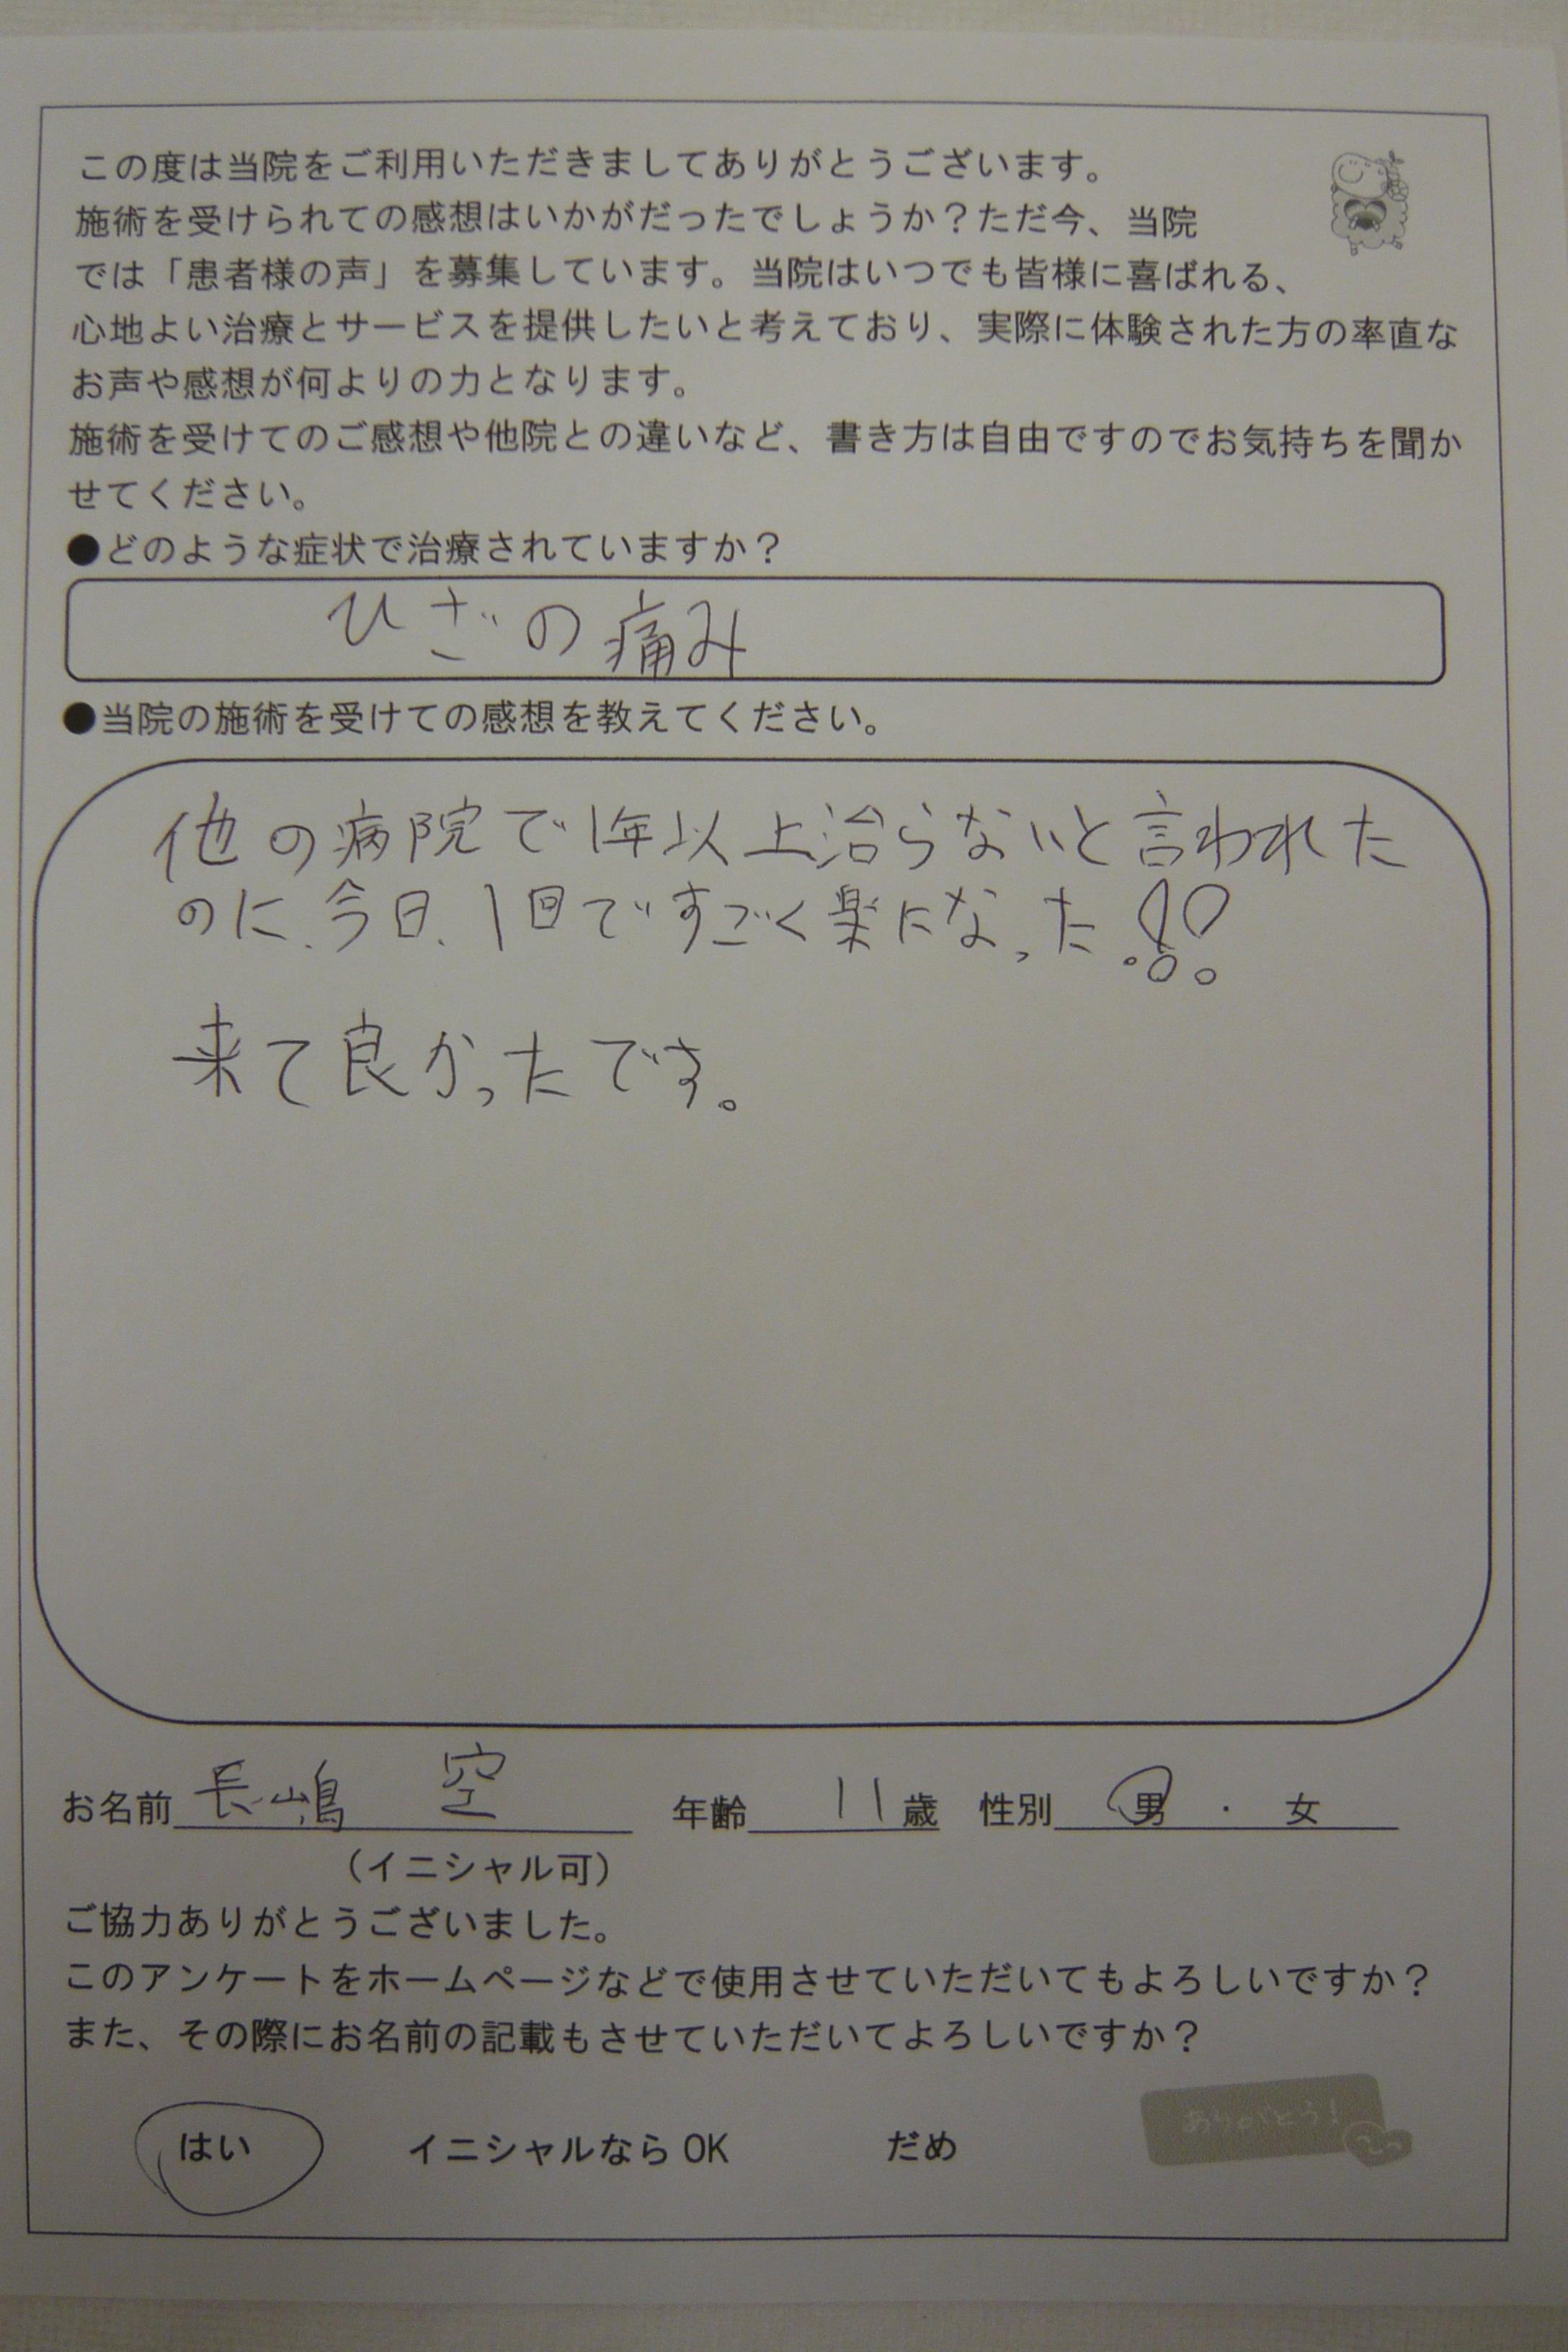 空君コメント.JPG